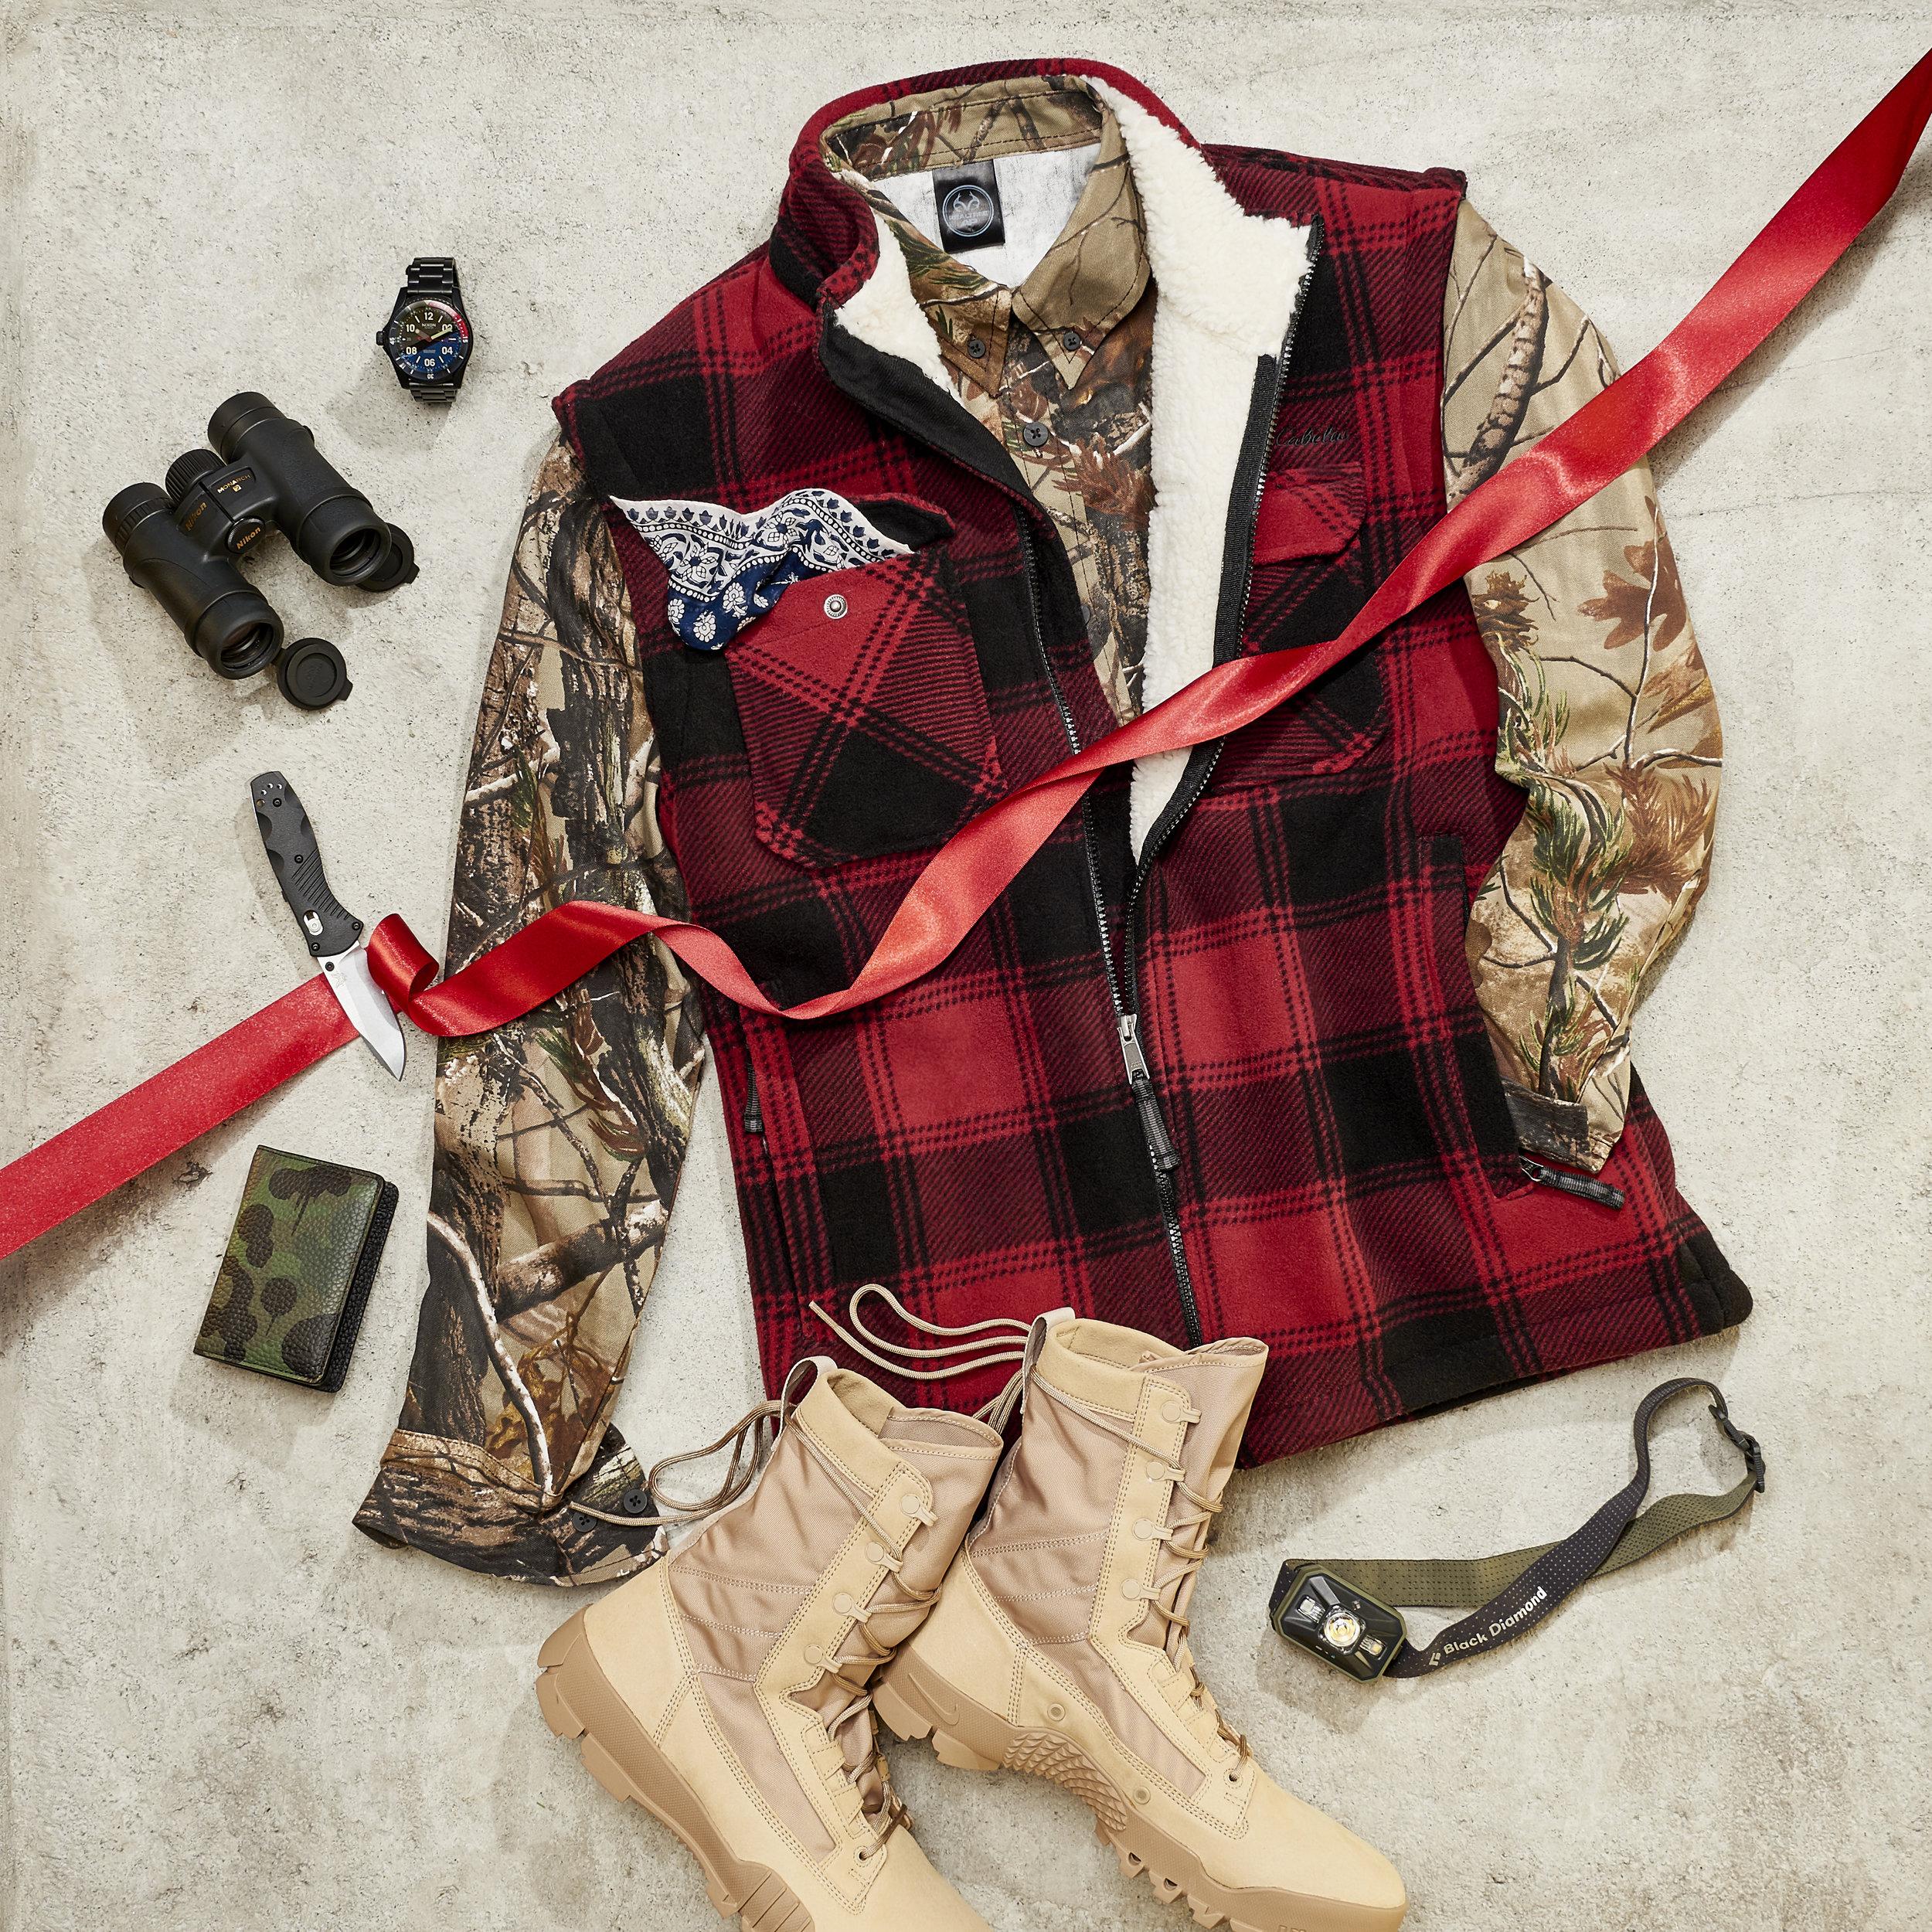 112916_VillageVoice_Holiday Shopping Guide_Survivalist_160.jpg